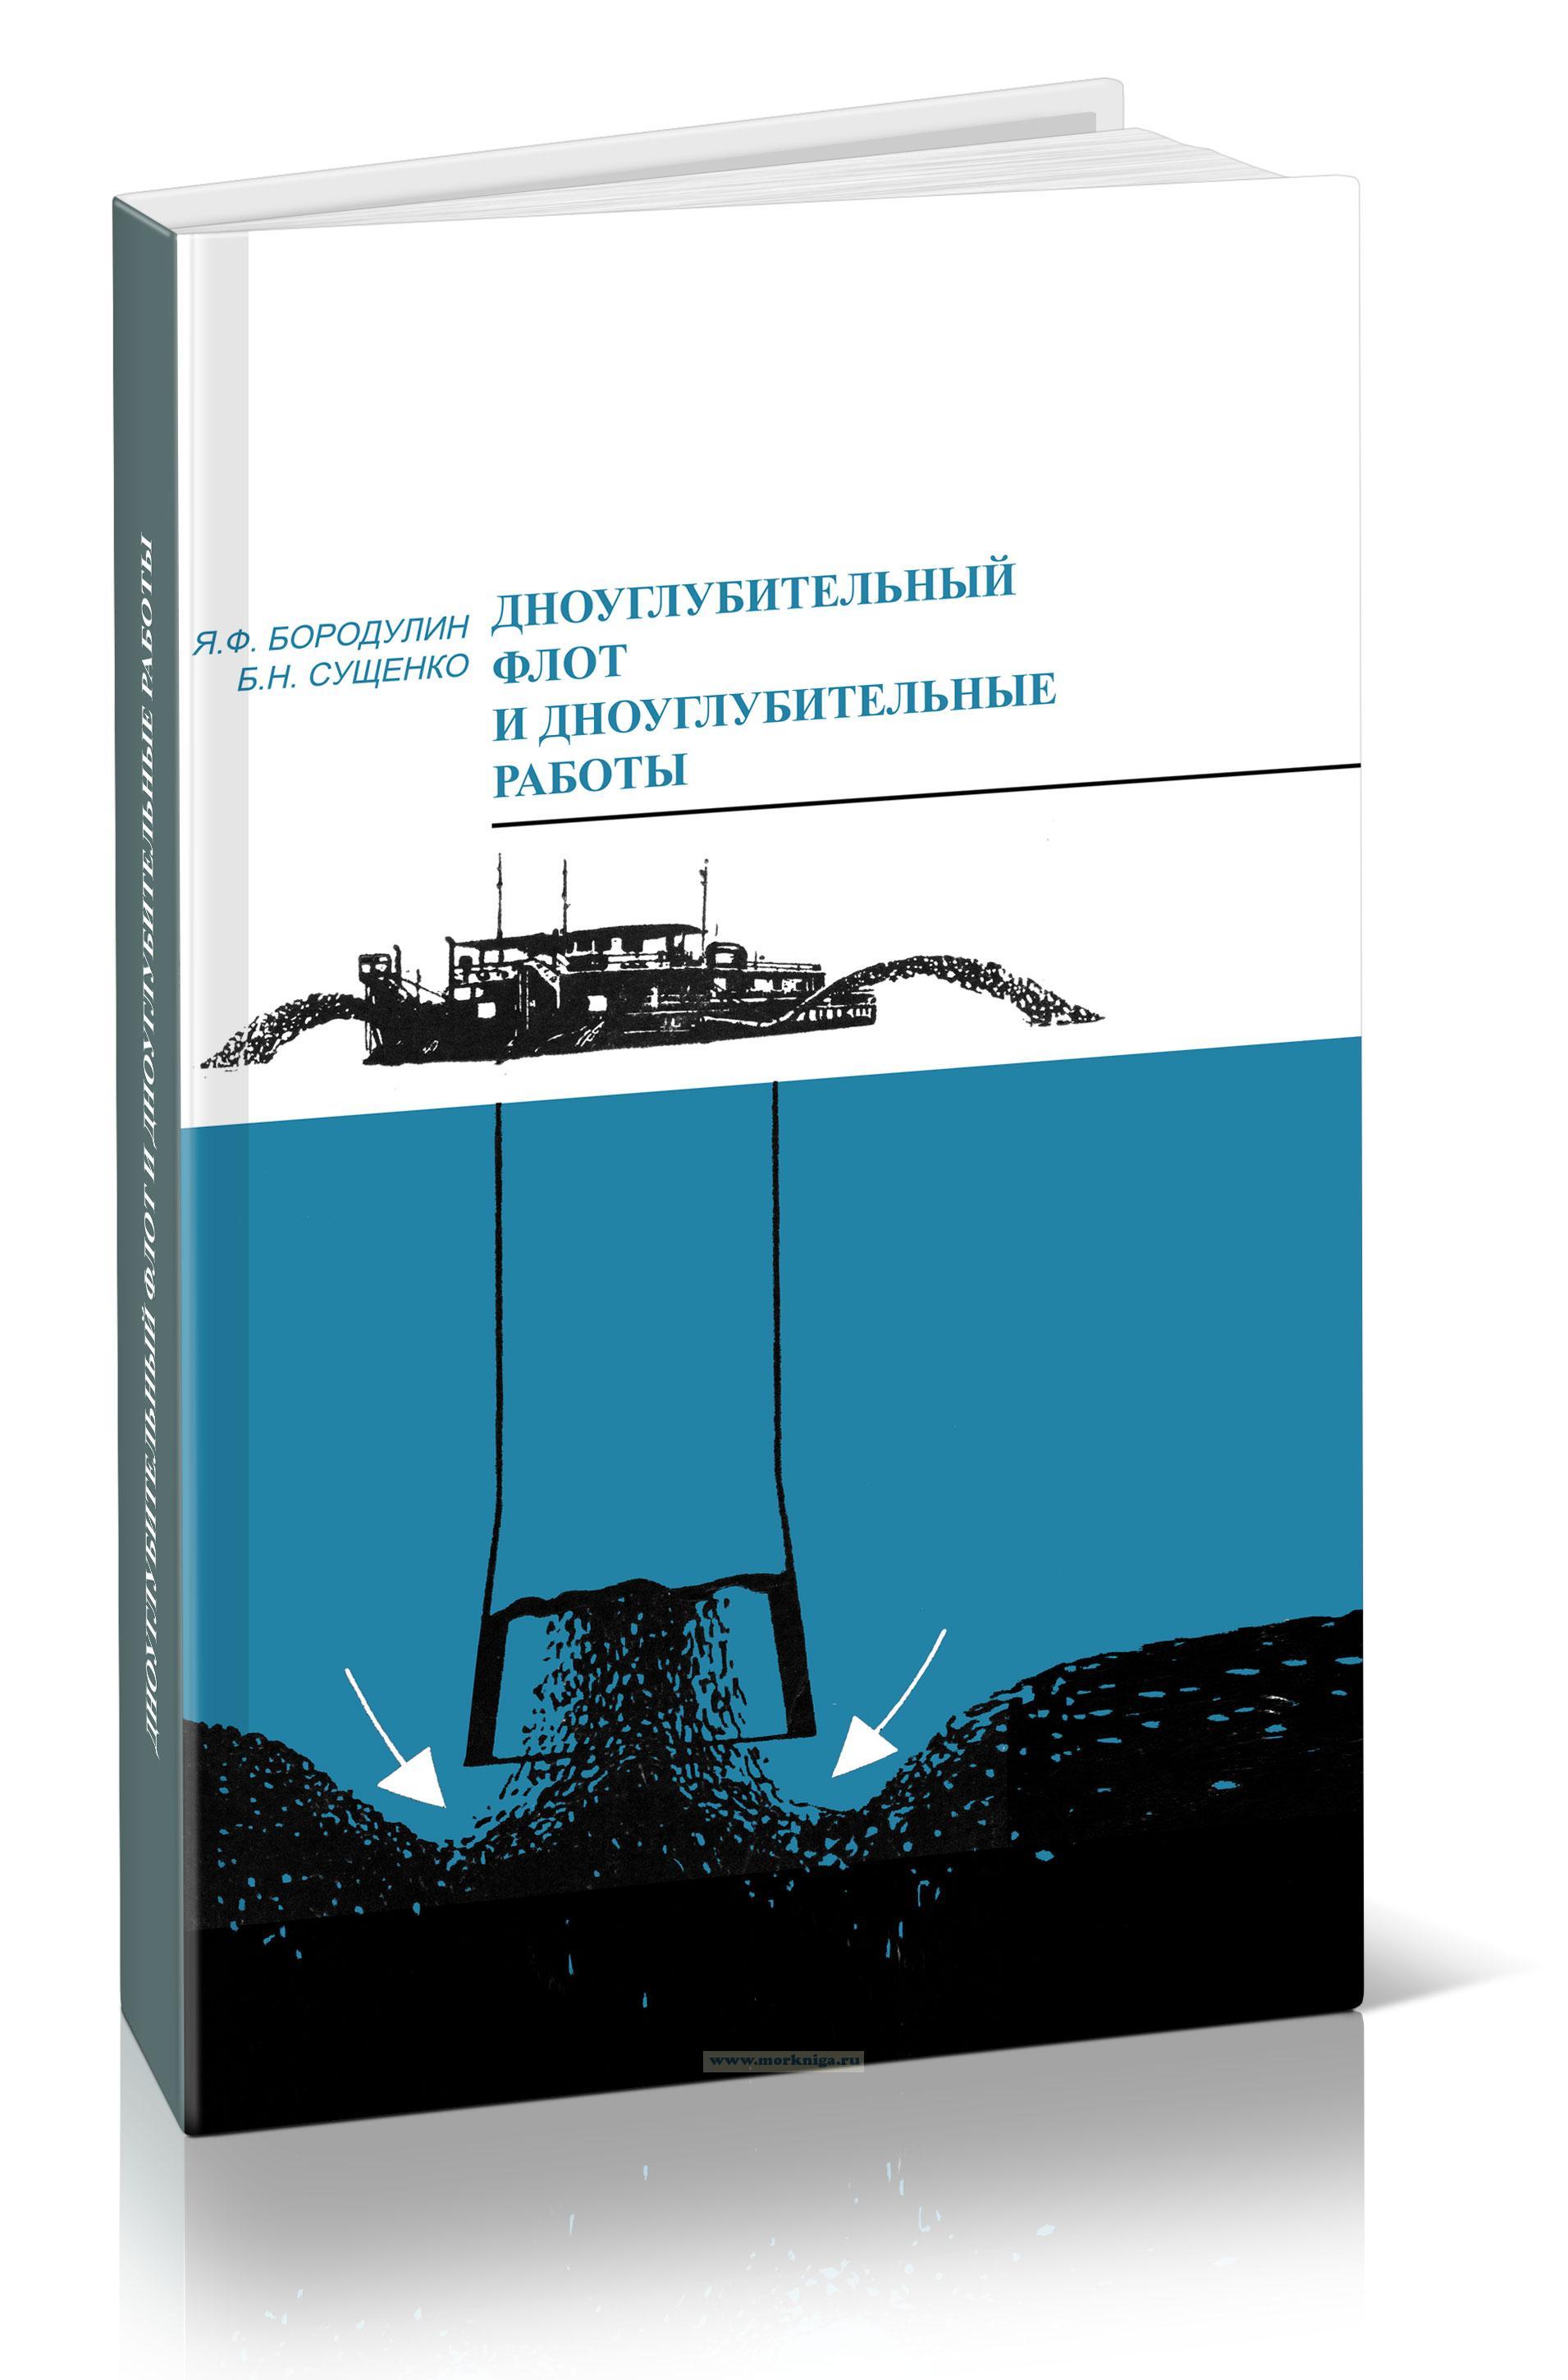 Дноуглубительный флот и дноуглубительные работы